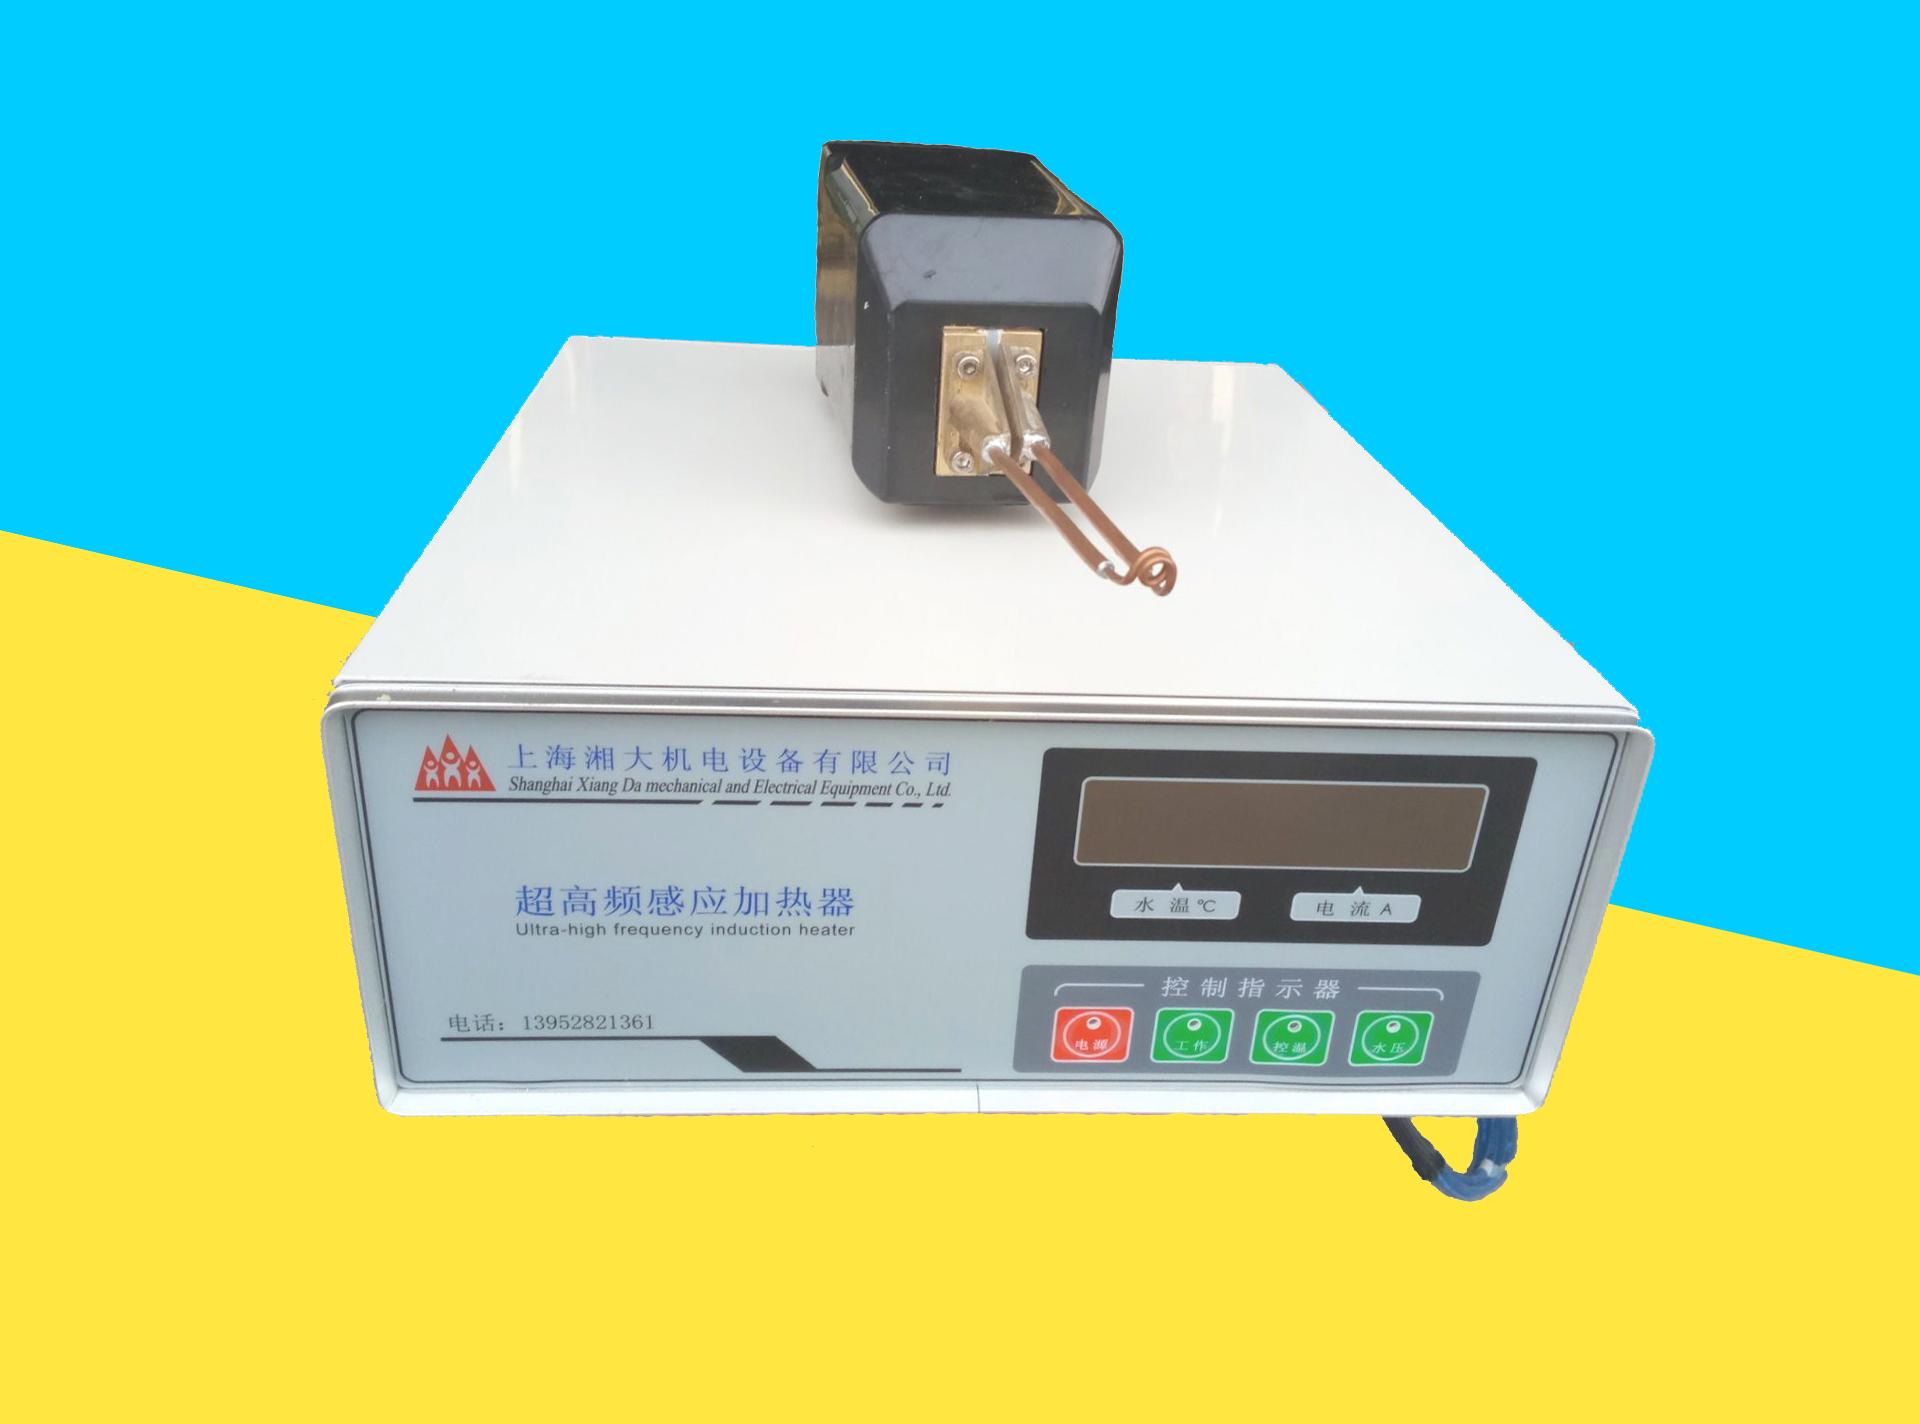 镇江超高频感应加热器